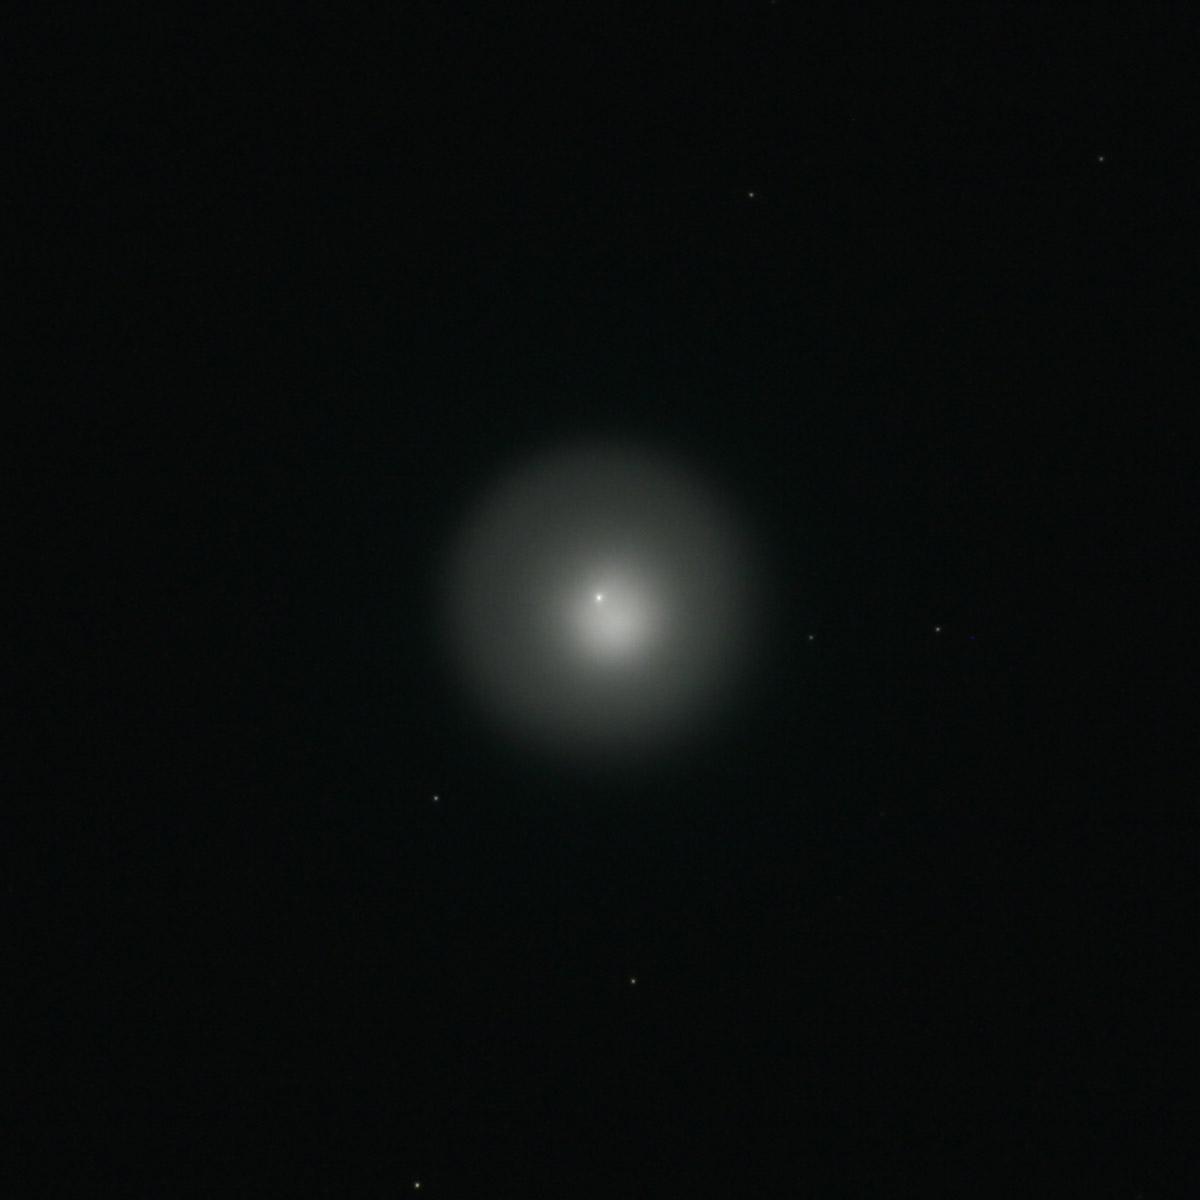 17p_1500mm_4s